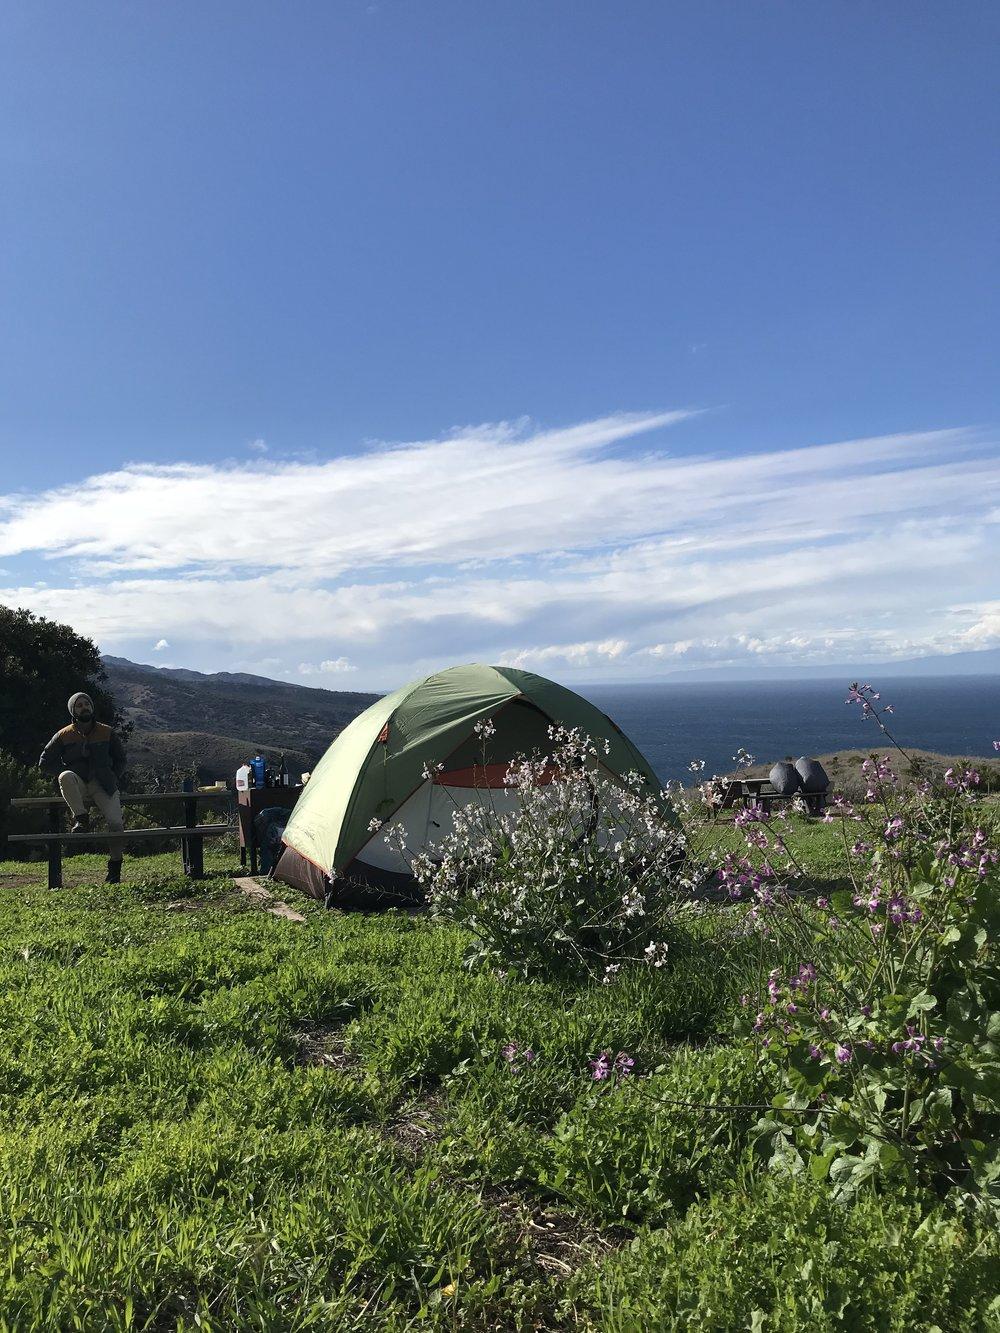 Our campsite at Del Norte